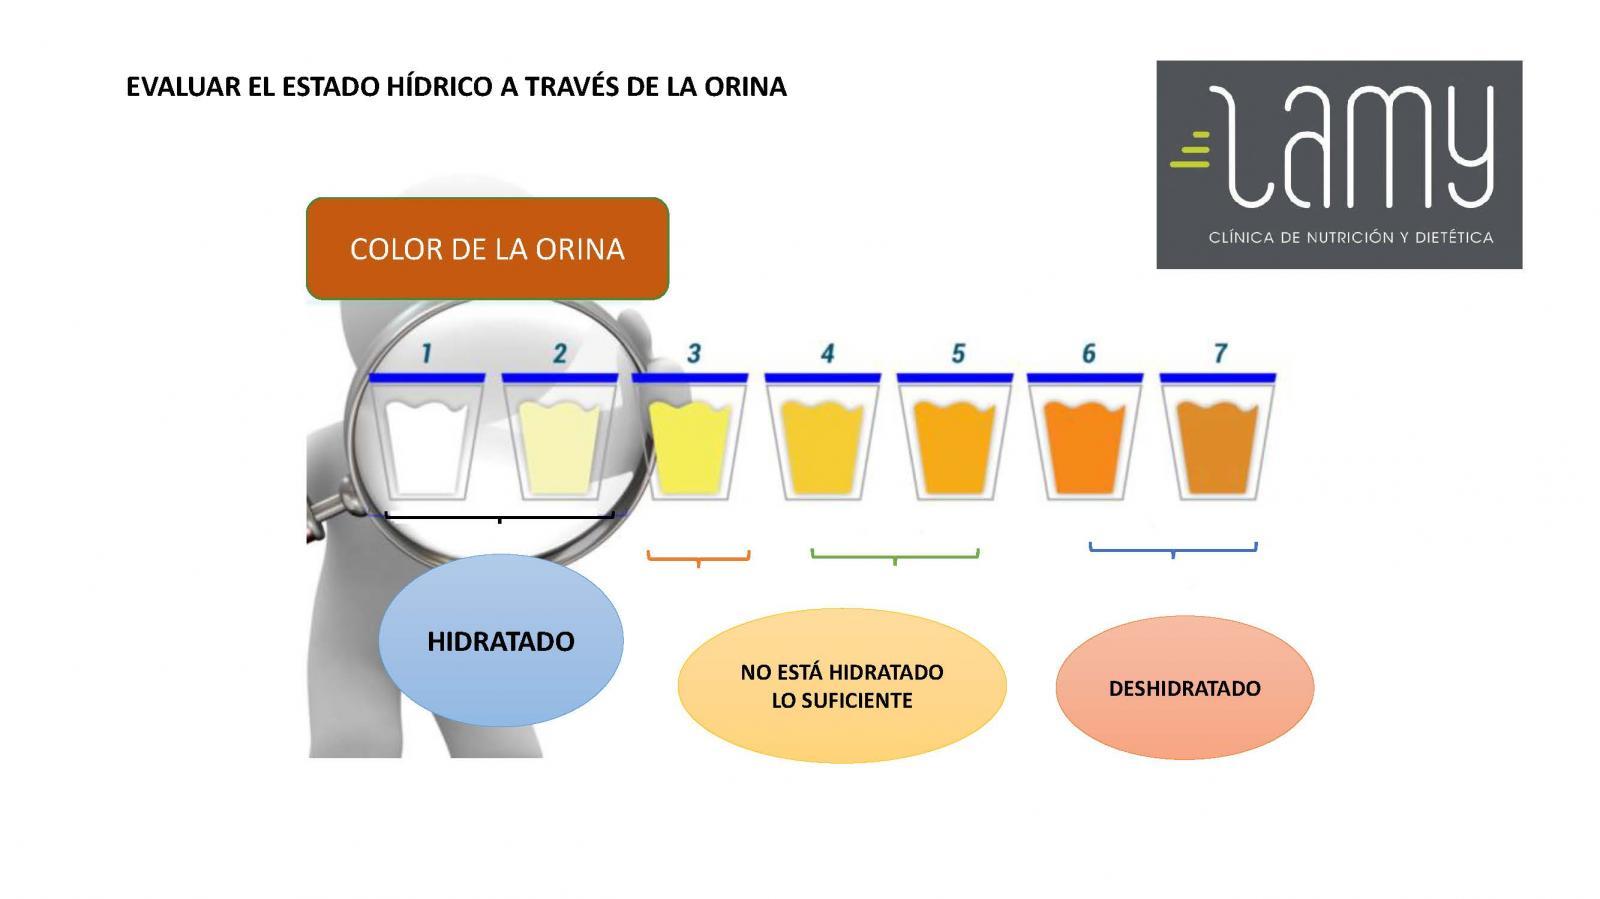 Dietista Nutricionista en Soria: ¿SABES SI ESTAS BIEN HIDRATADO?